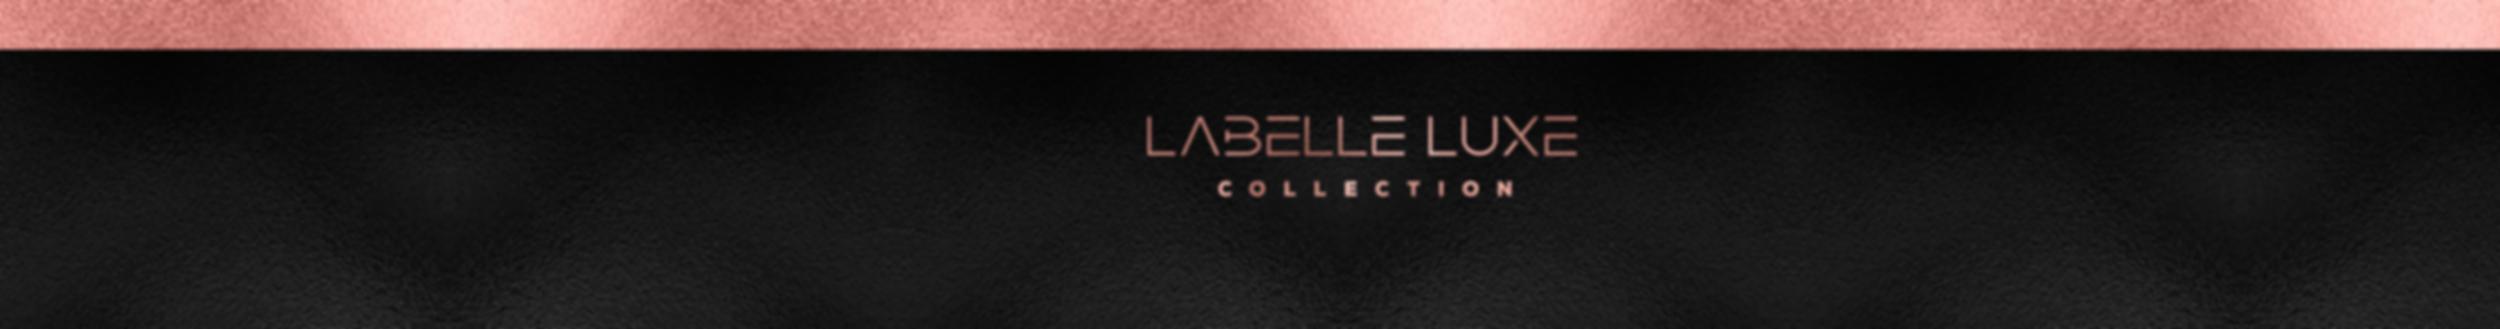 labelleluxe-banner-header.png